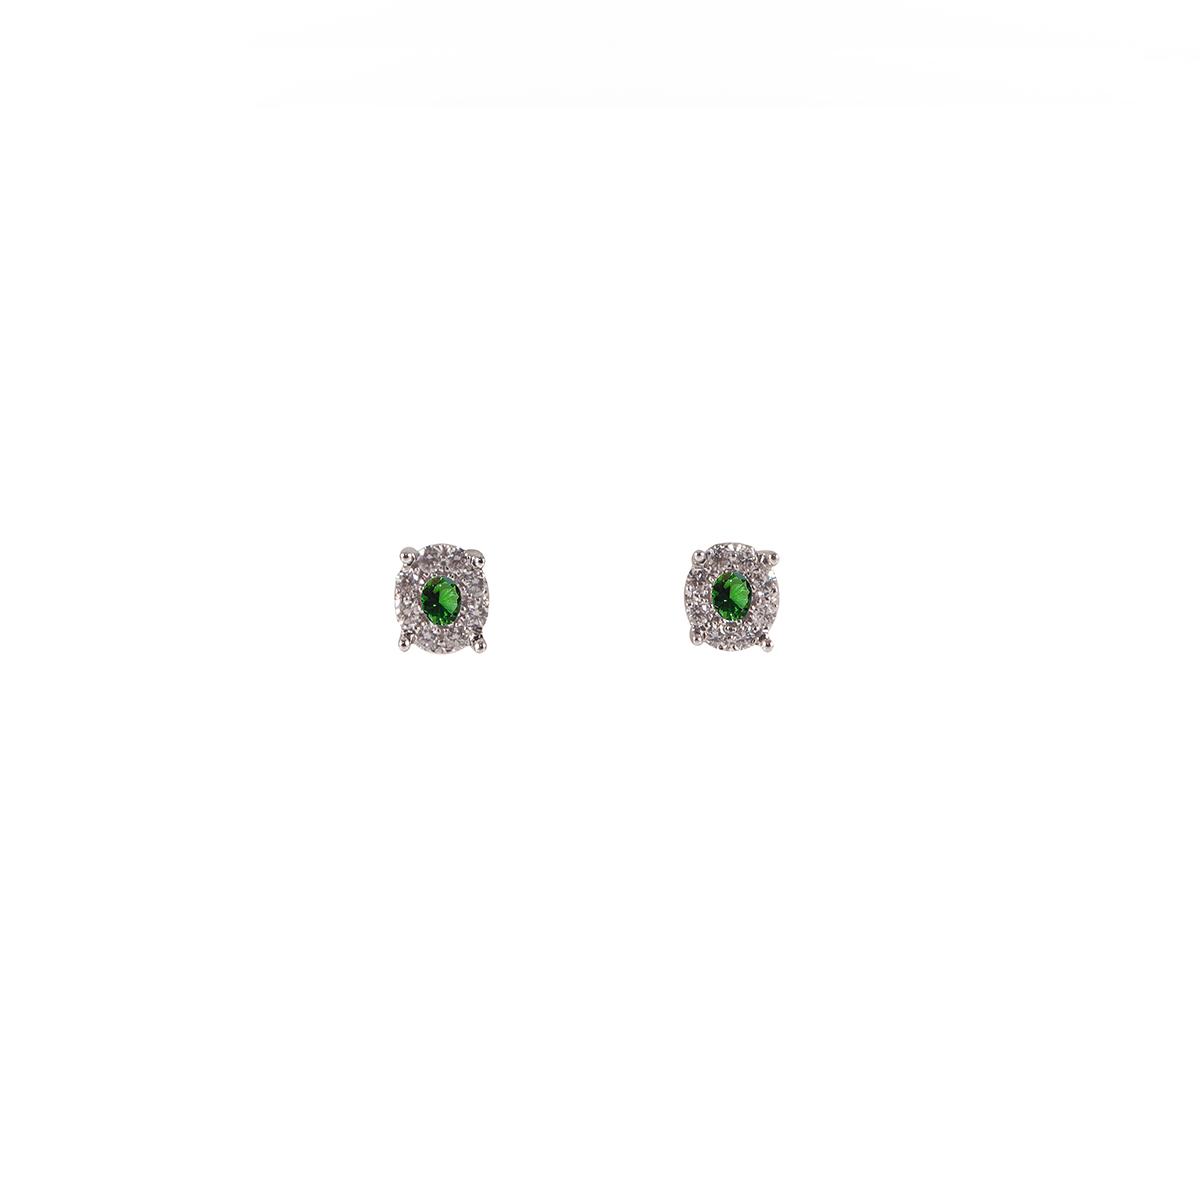 orecchini smeraldi e diamanti  orf04r-05-06-07